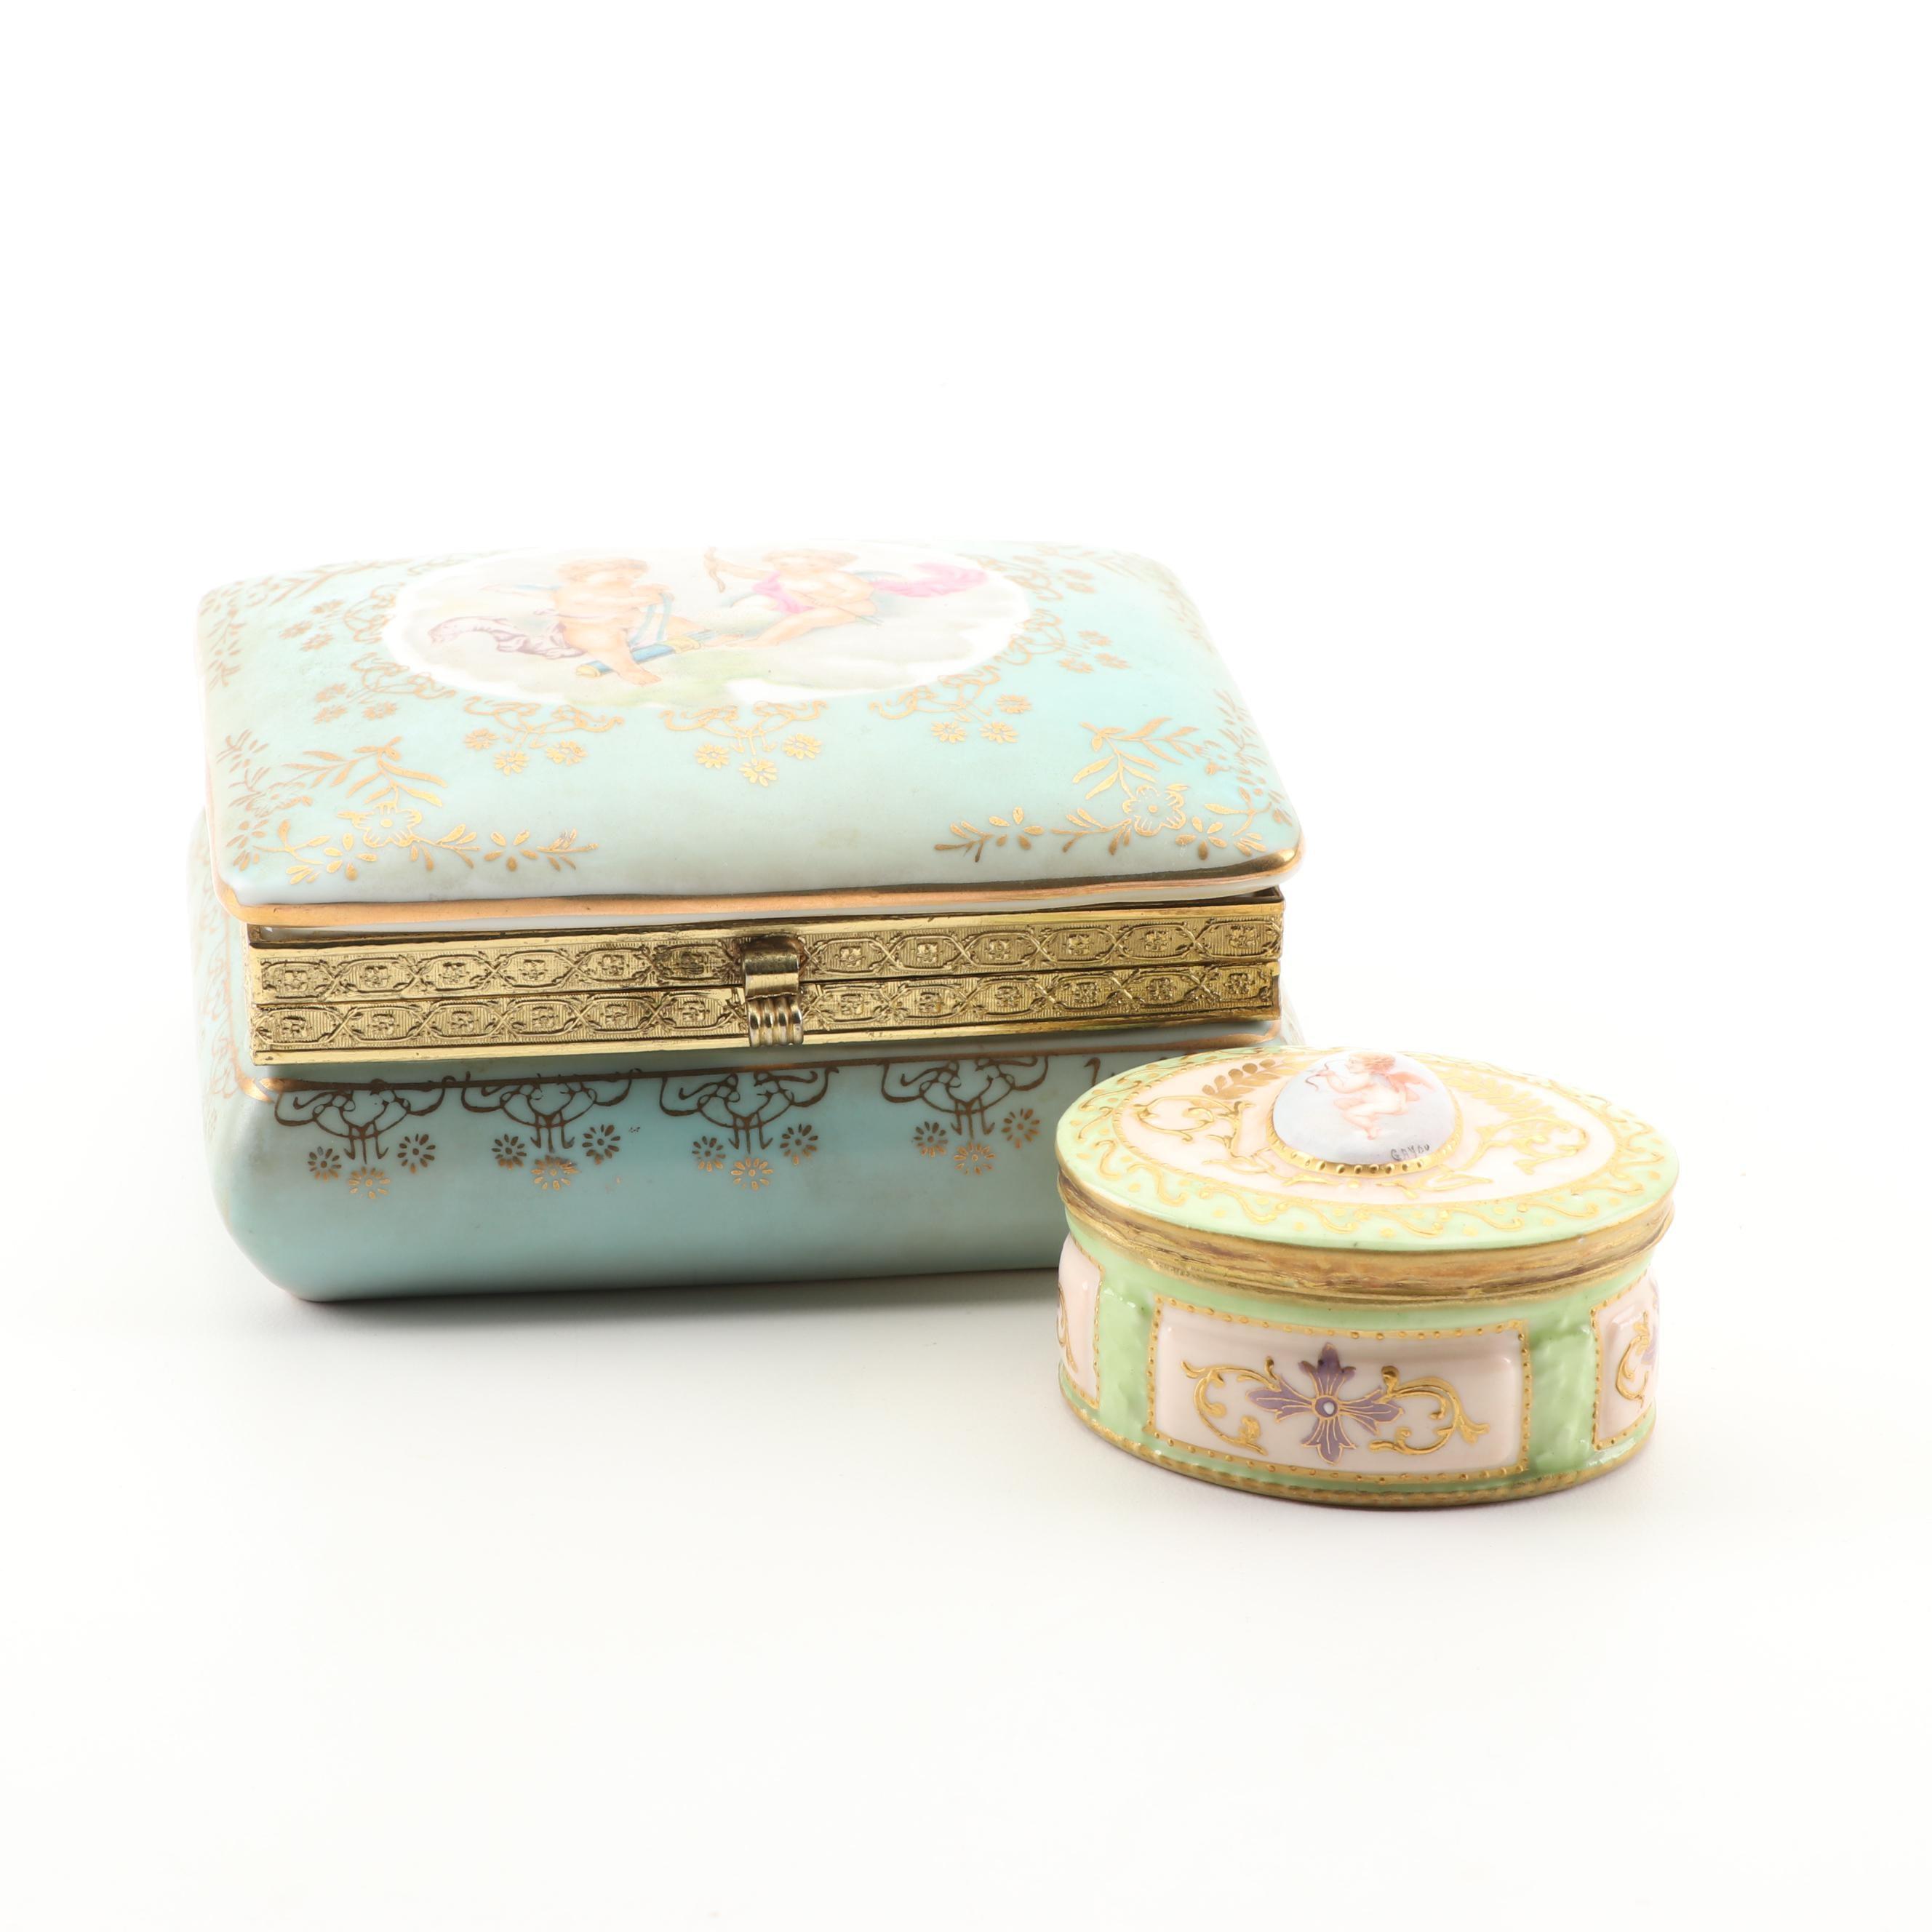 Sèvres Style Porcelain Trinket Boxes